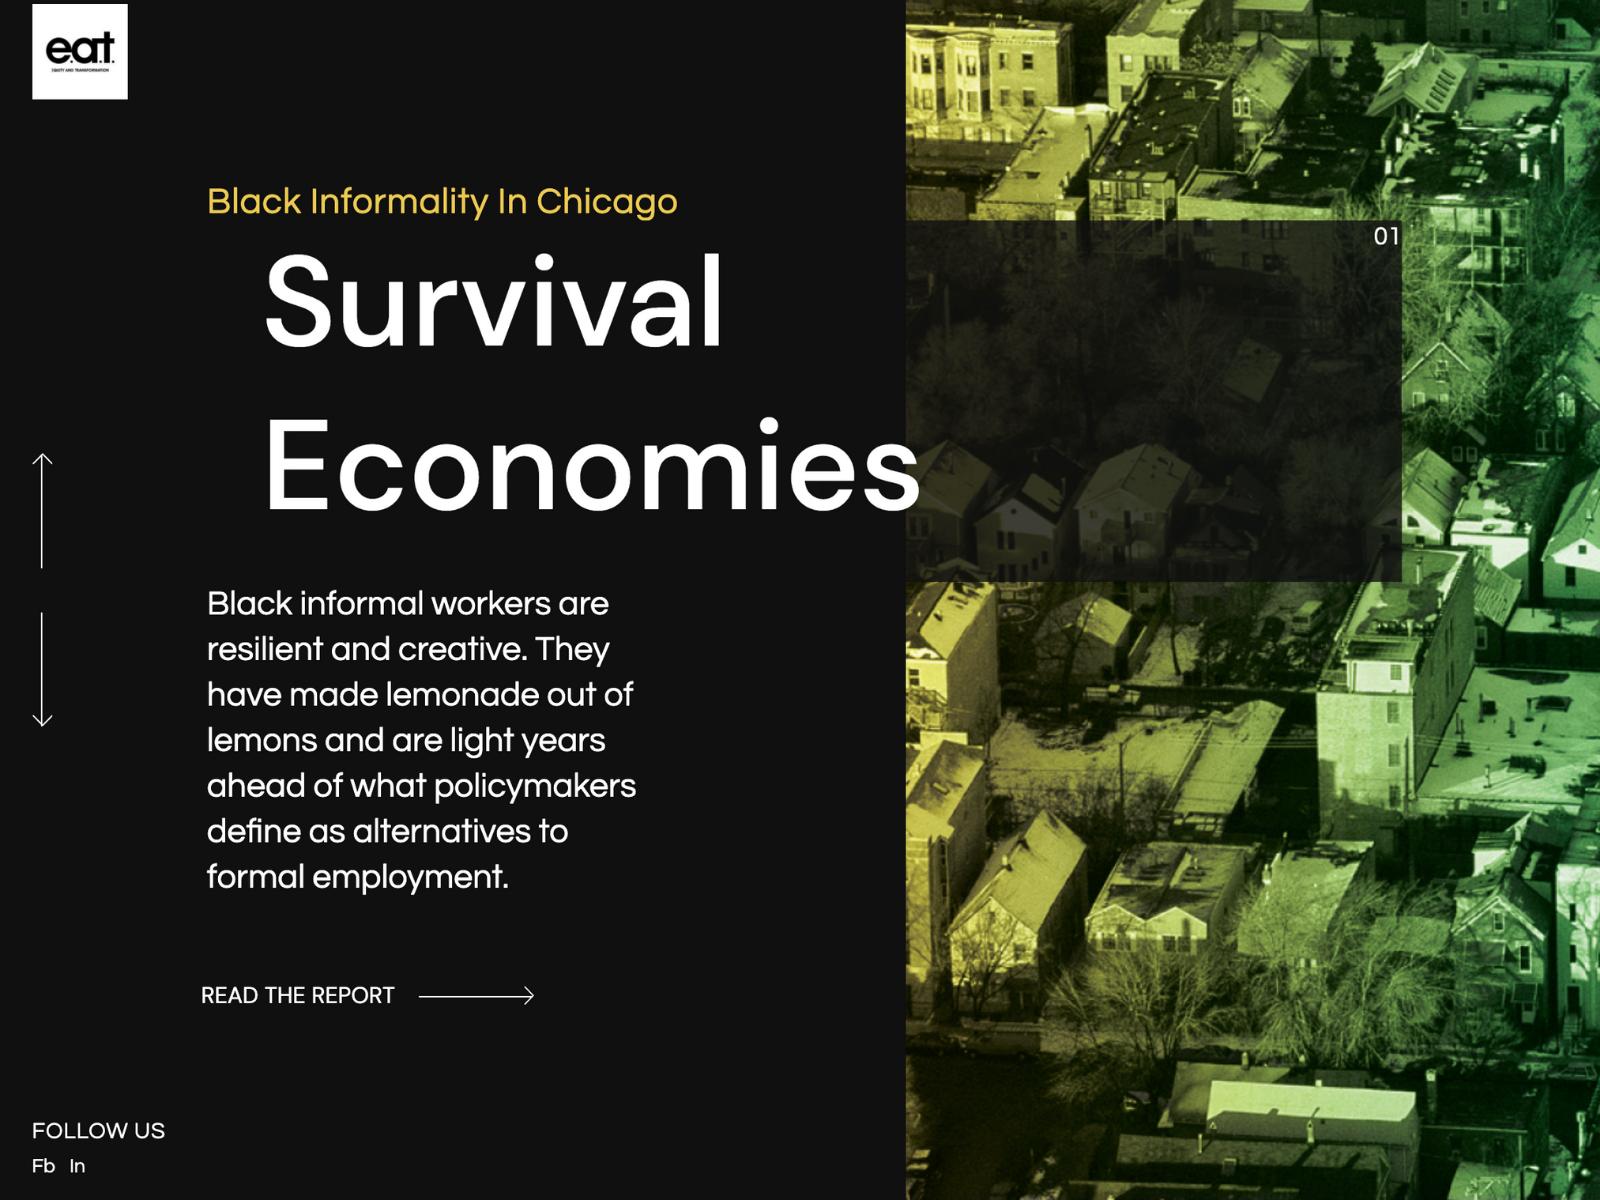 EAT Survival Economies Report